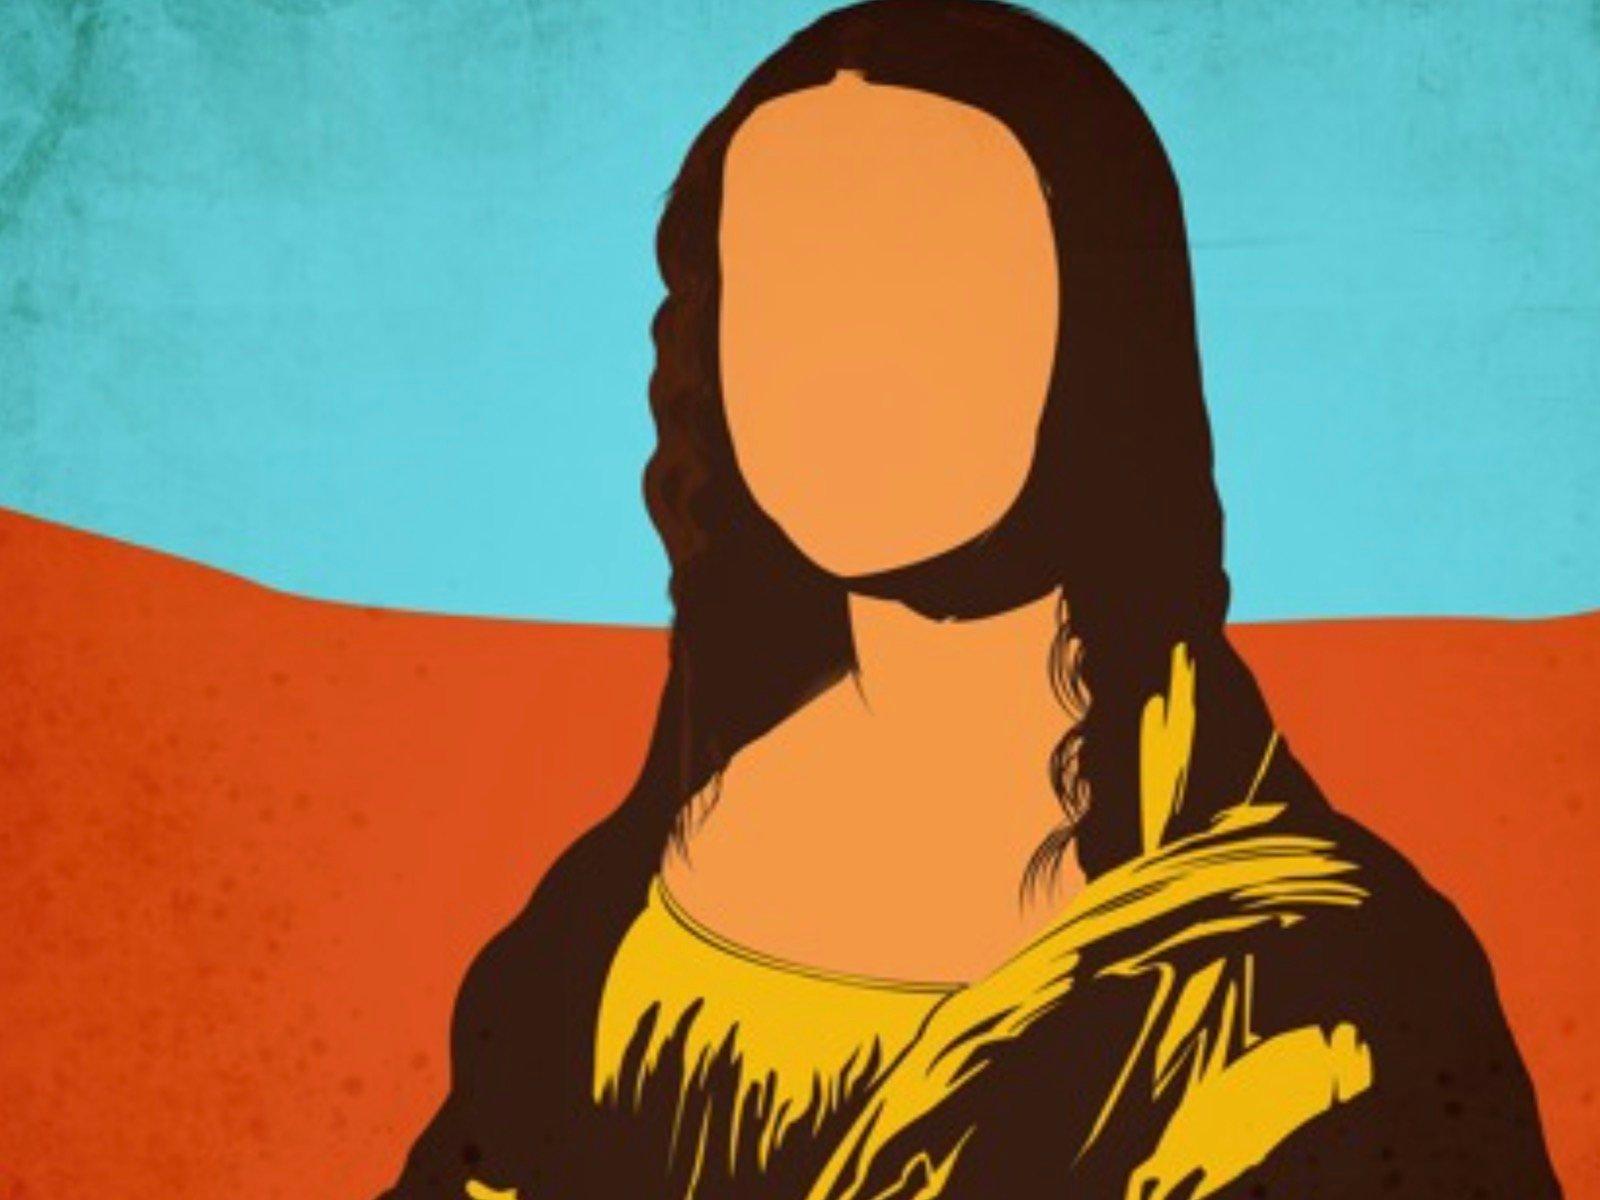 Mona Lisa Joell Ortiz